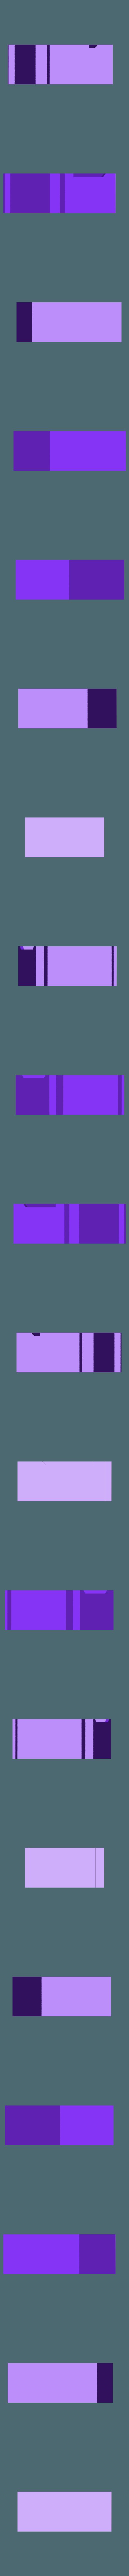 1904-07_Part12.stl Télécharger fichier STL gratuit Serrure imprimée 3D • Objet imprimable en 3D, EL3D